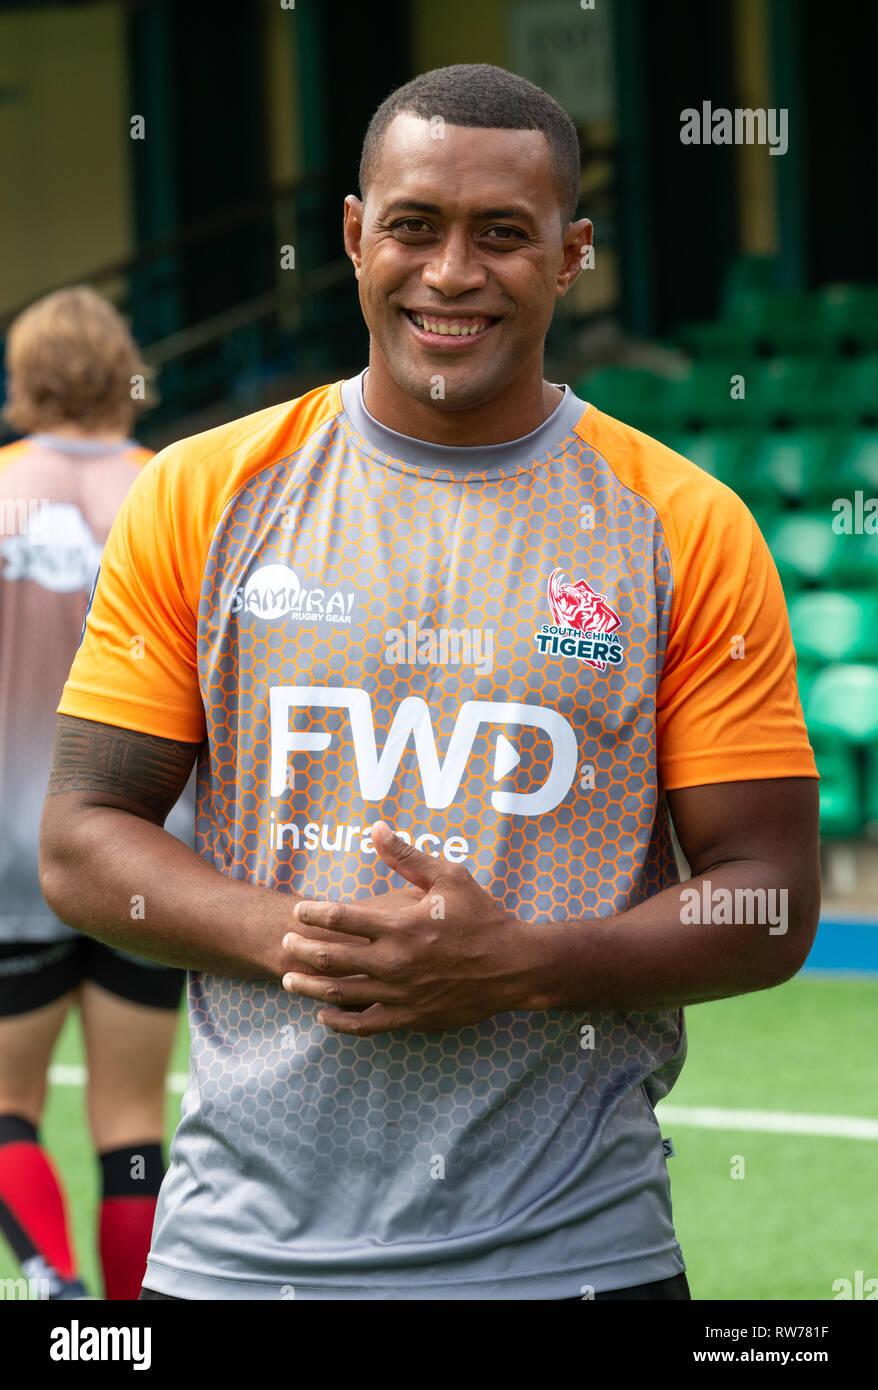 HONG KONG, REGIÓN ADMINISTRATIVA ESPECIAL DE HONG KONG, CHINA. El 5 de marzo de 2019. Fiji Viriviri Samisoni. Lanzamiento de tigres del sur de China equipo de rugby profesional para jugar en el torneo de rugby rápido Global. Fiji Viriviri Samisoni FWD se une a los tigres del sur de China, un nuevo equipo de profesionales jugando en el Mundial de Rugby rápido. Viriviri, medallista de oro de 7's en los Juegos Olímpicos de Río de Janeiro, ha jugado para equipos franceses Montpelier y Montauban pero la mayoría sabe a sietes jugador del año 2014. Viriviri aguarda con interés el nuevo torneo de rugby profesional rápido con los próximos partidos escaparate de Asia y Australia. Rápido fue conce de Rugby Foto de stock